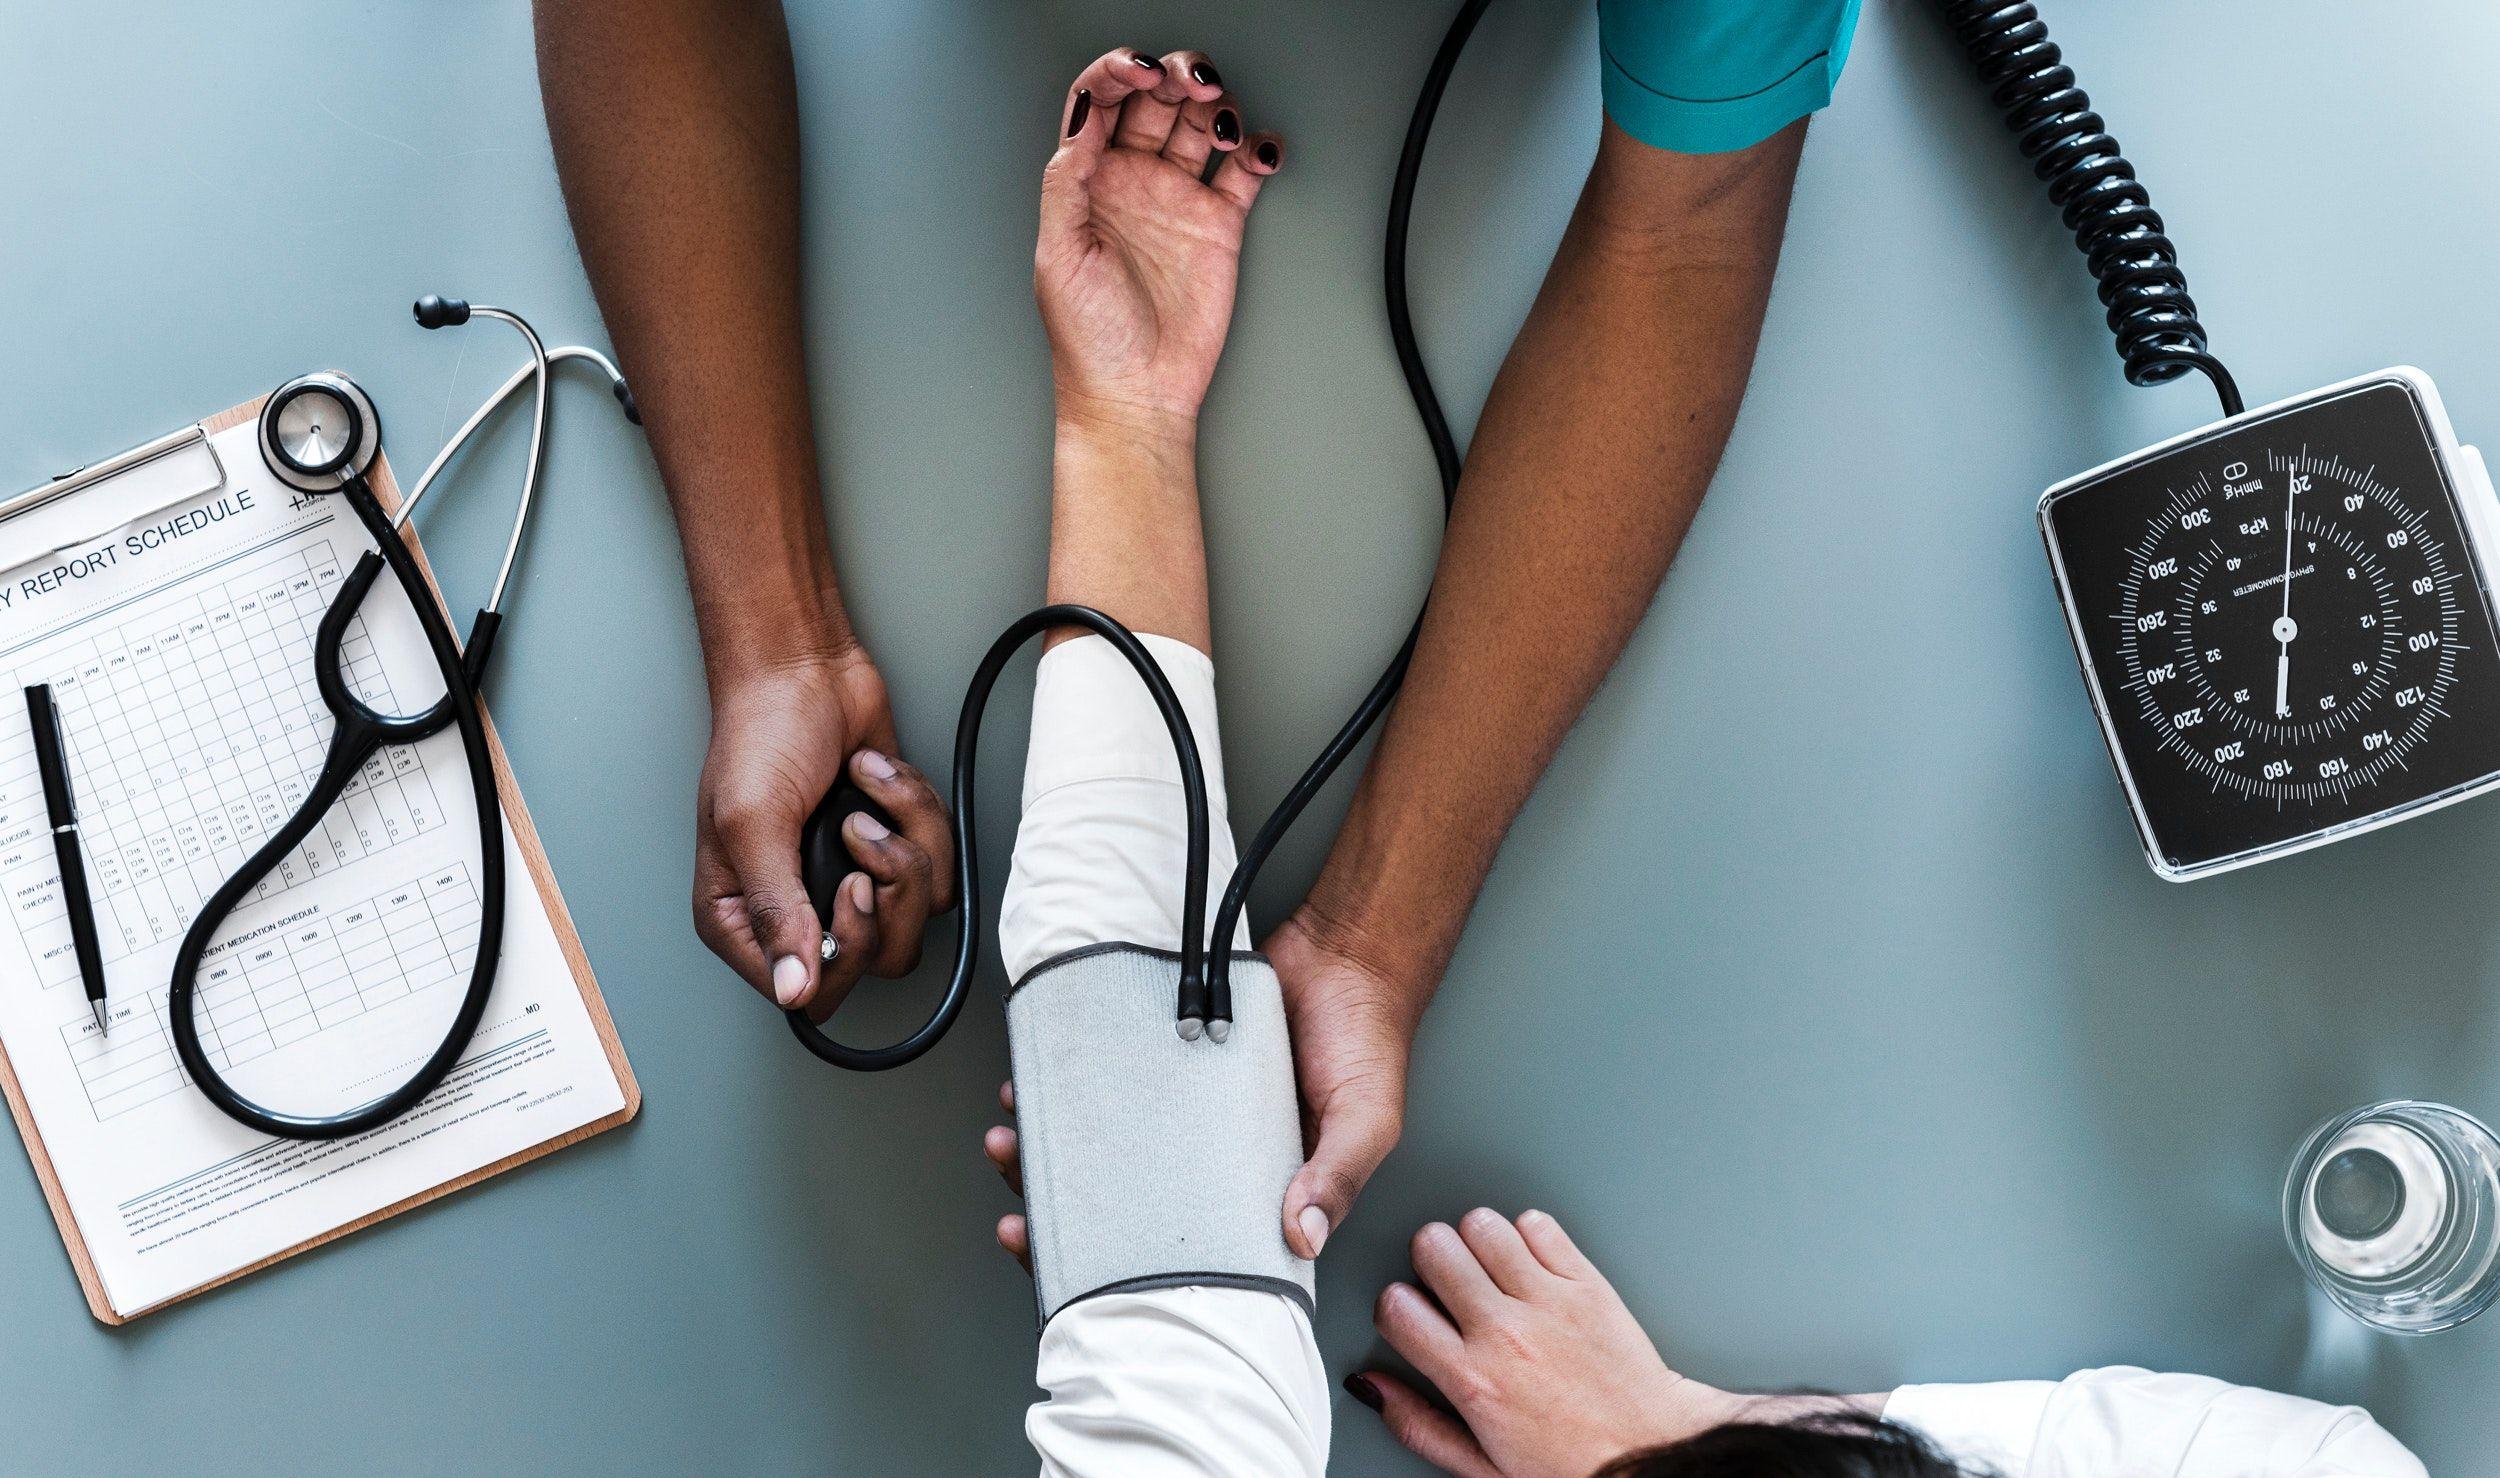 médico medindo pressão arterial - Exames para Austrália